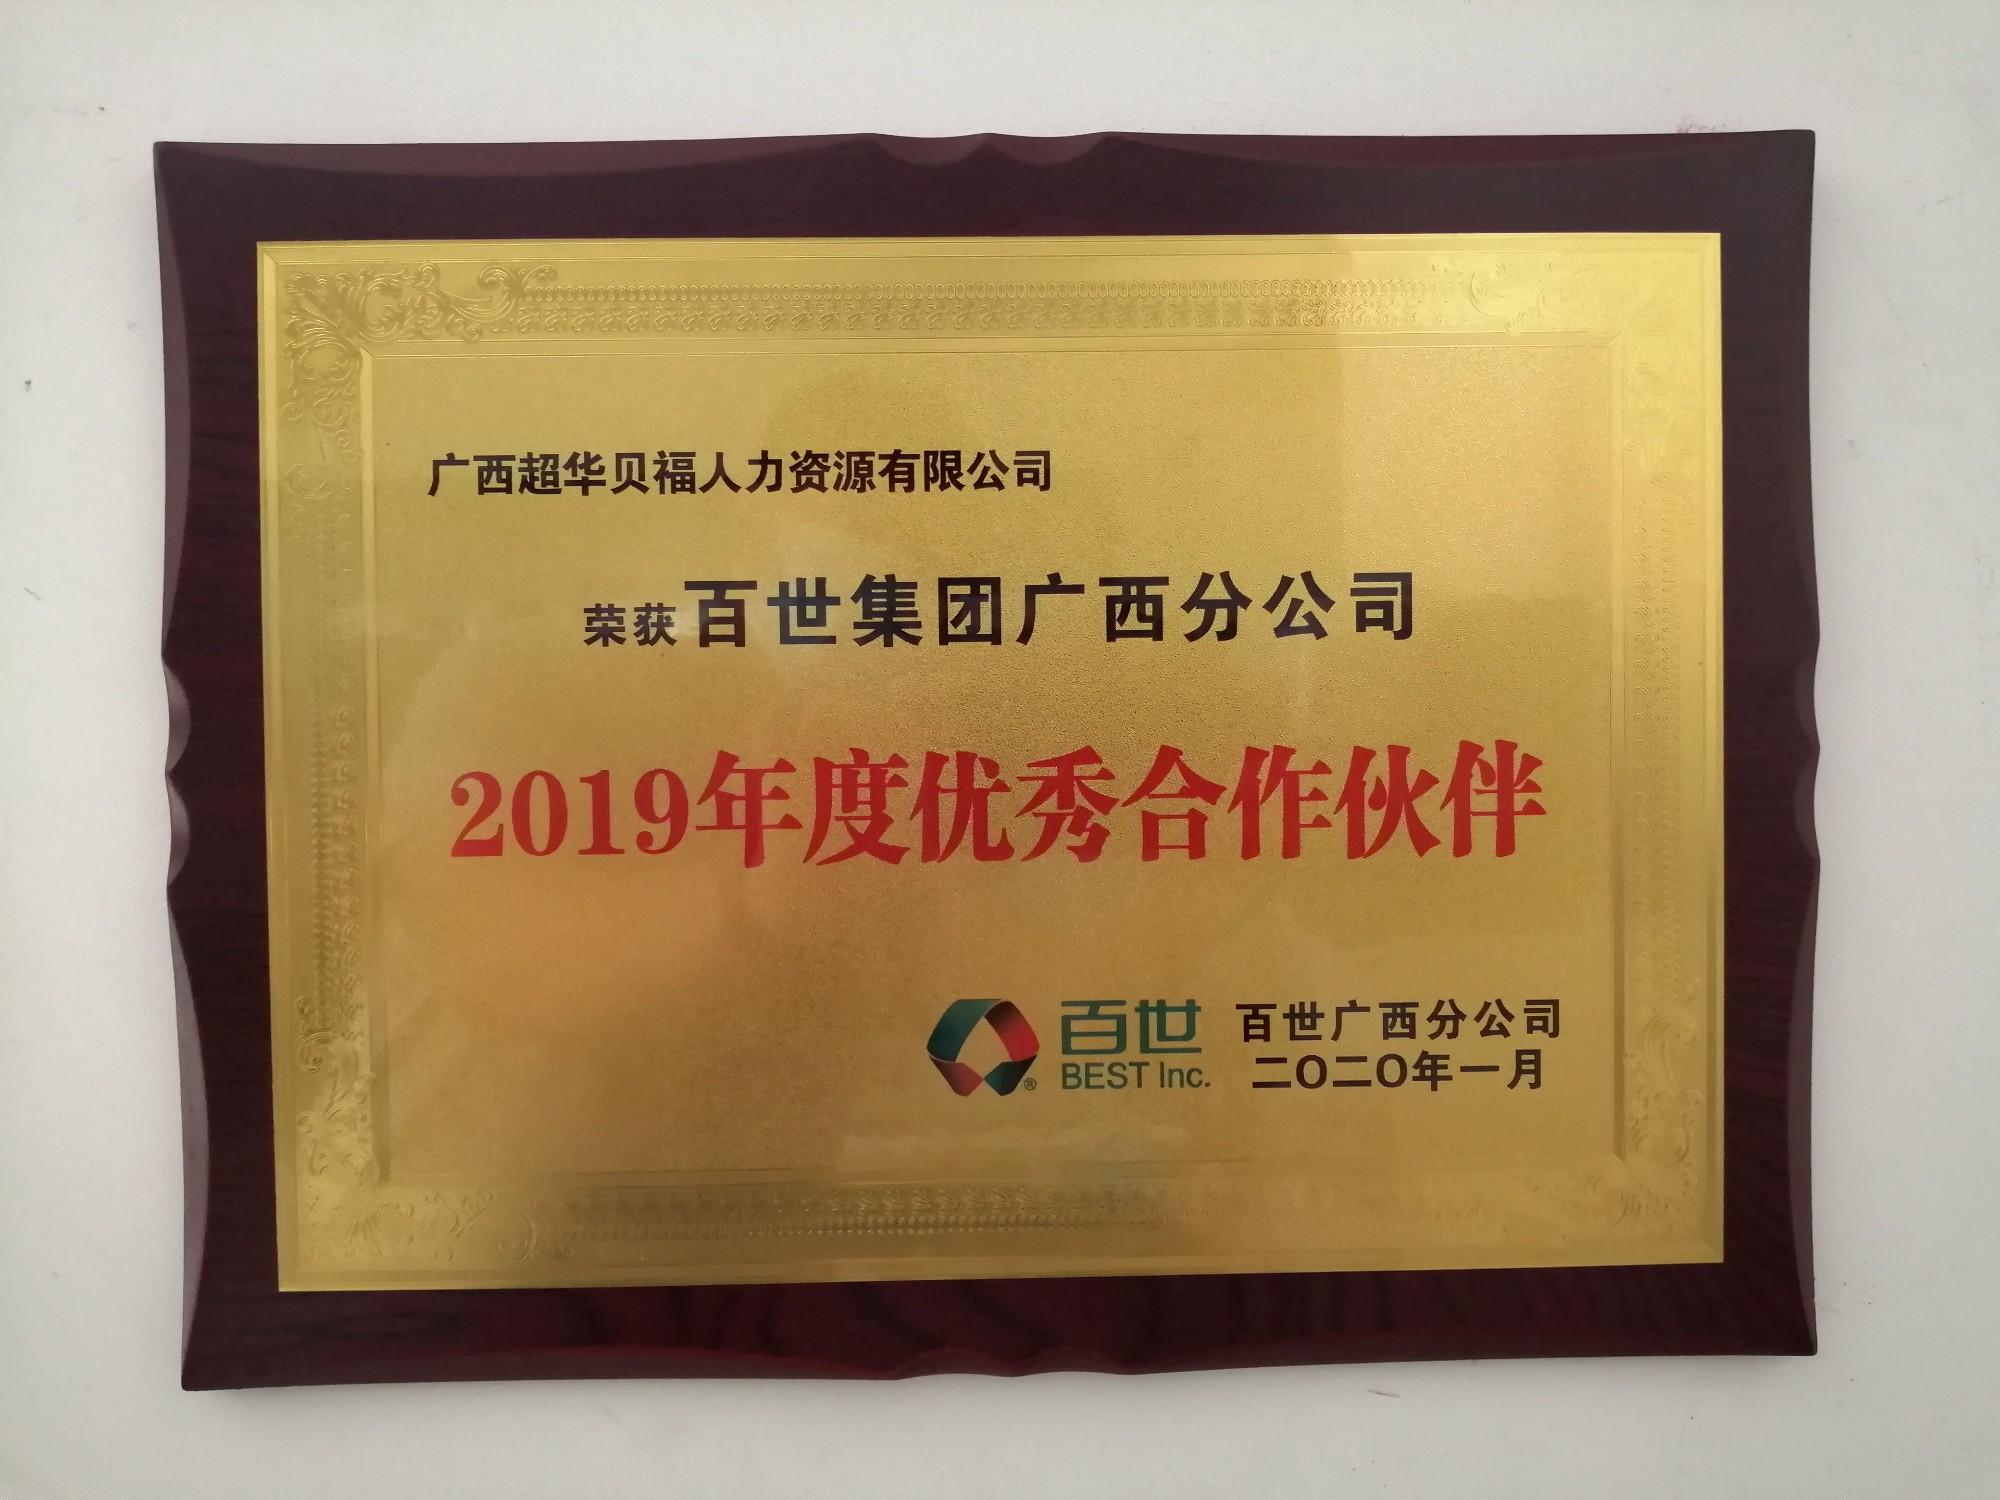 超华公司荣获2019年度百世集团合作伙伴奖